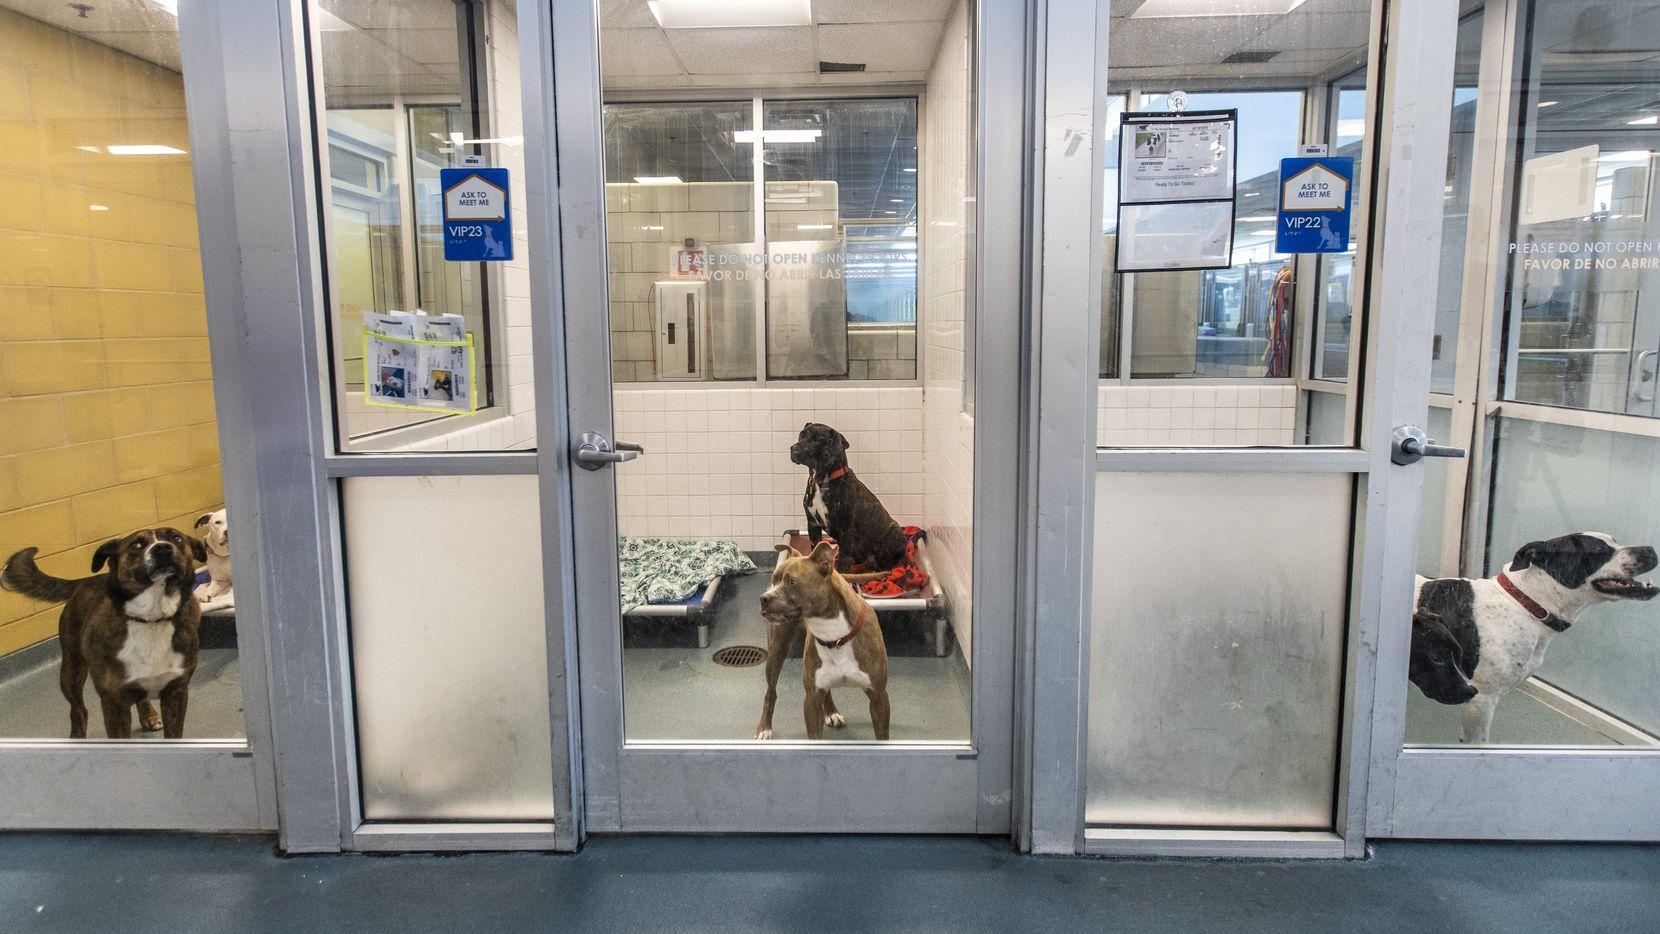 El departamento de policía de Dallas cuenta con una unidad especial de detectives que investigan los casos de crueldad de mascotas. Personas que sospechan crueldad de animal pueden hacer un reporte llamado al 911, pero el Servicio de Animales de Dallas también recomienda llamar al número de emergencia (911) si ve abuso activo.